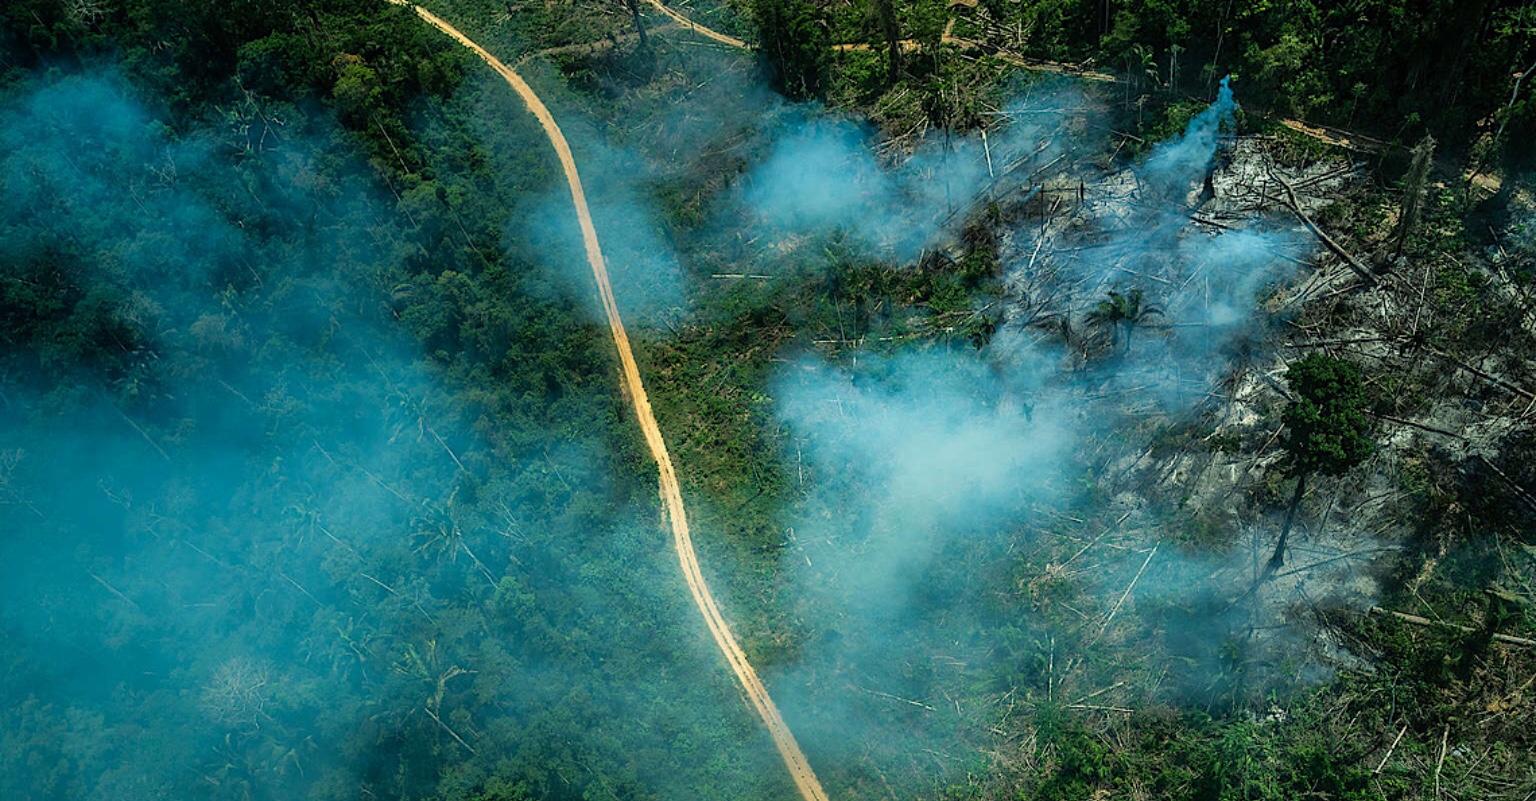 Ituna-Itatá: Uma terra indígena da Amazônia tomada por ganância e destruição